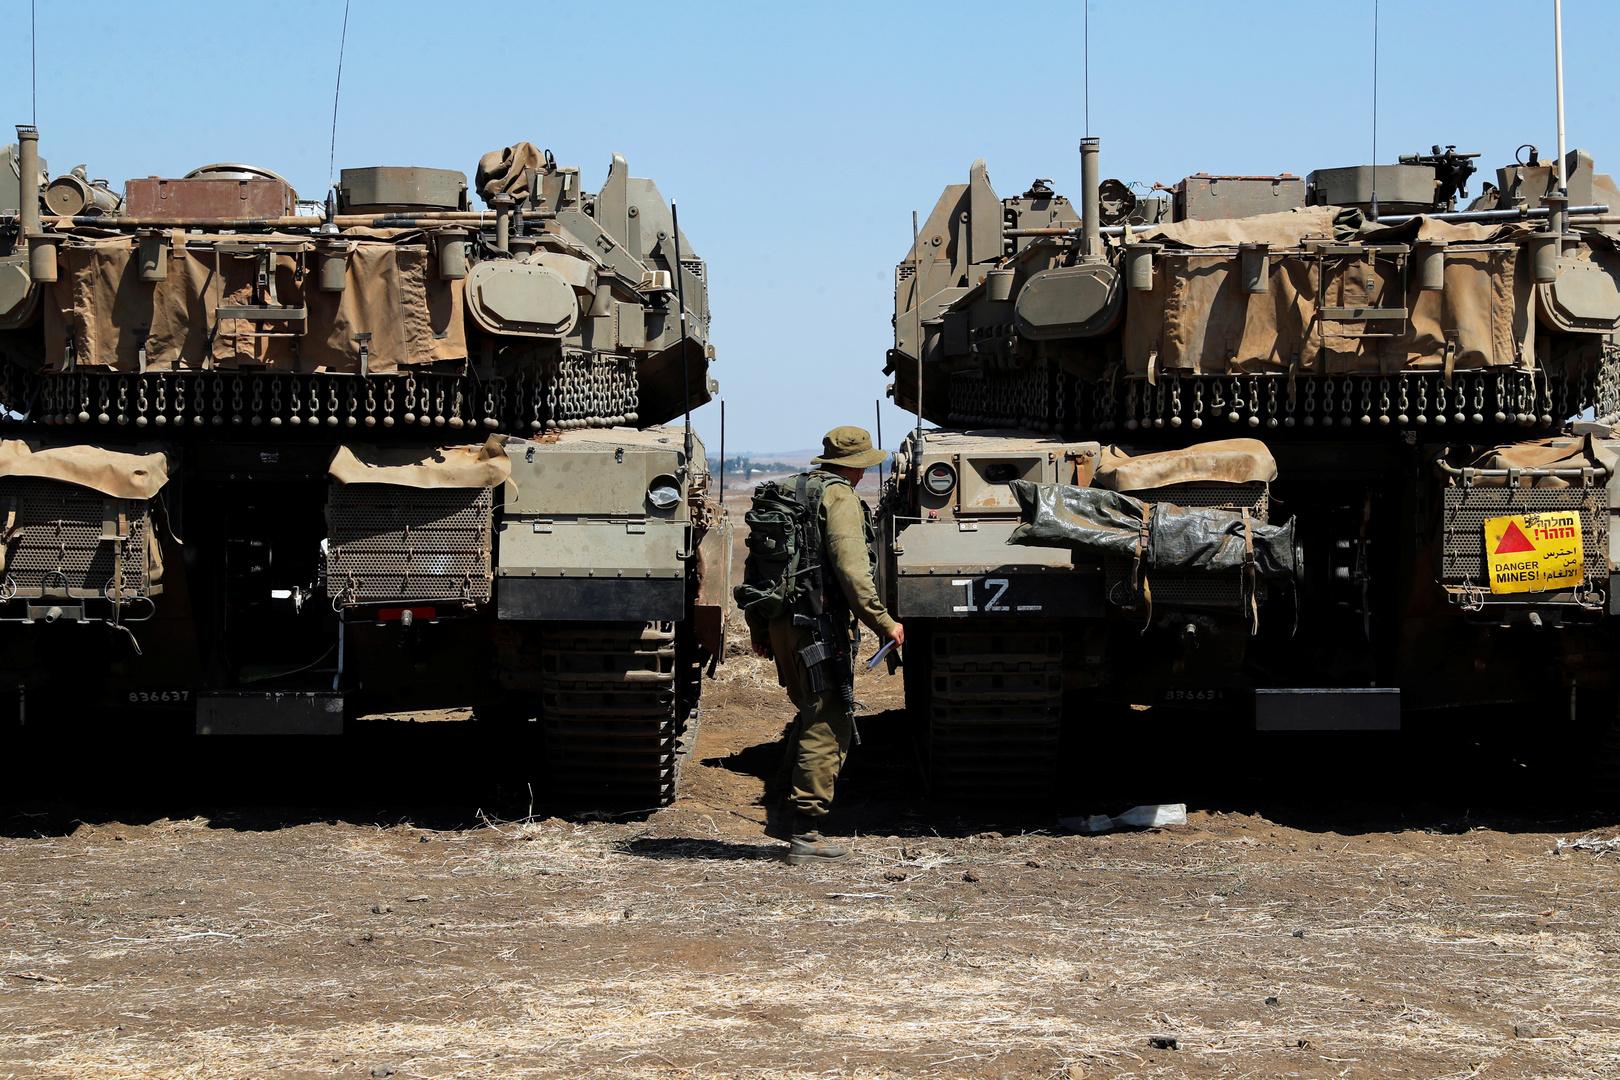 معهد إسرائيلي: تفكك لبنان له آثار أمنية على إسرائيل وخيارات التصعيد مع